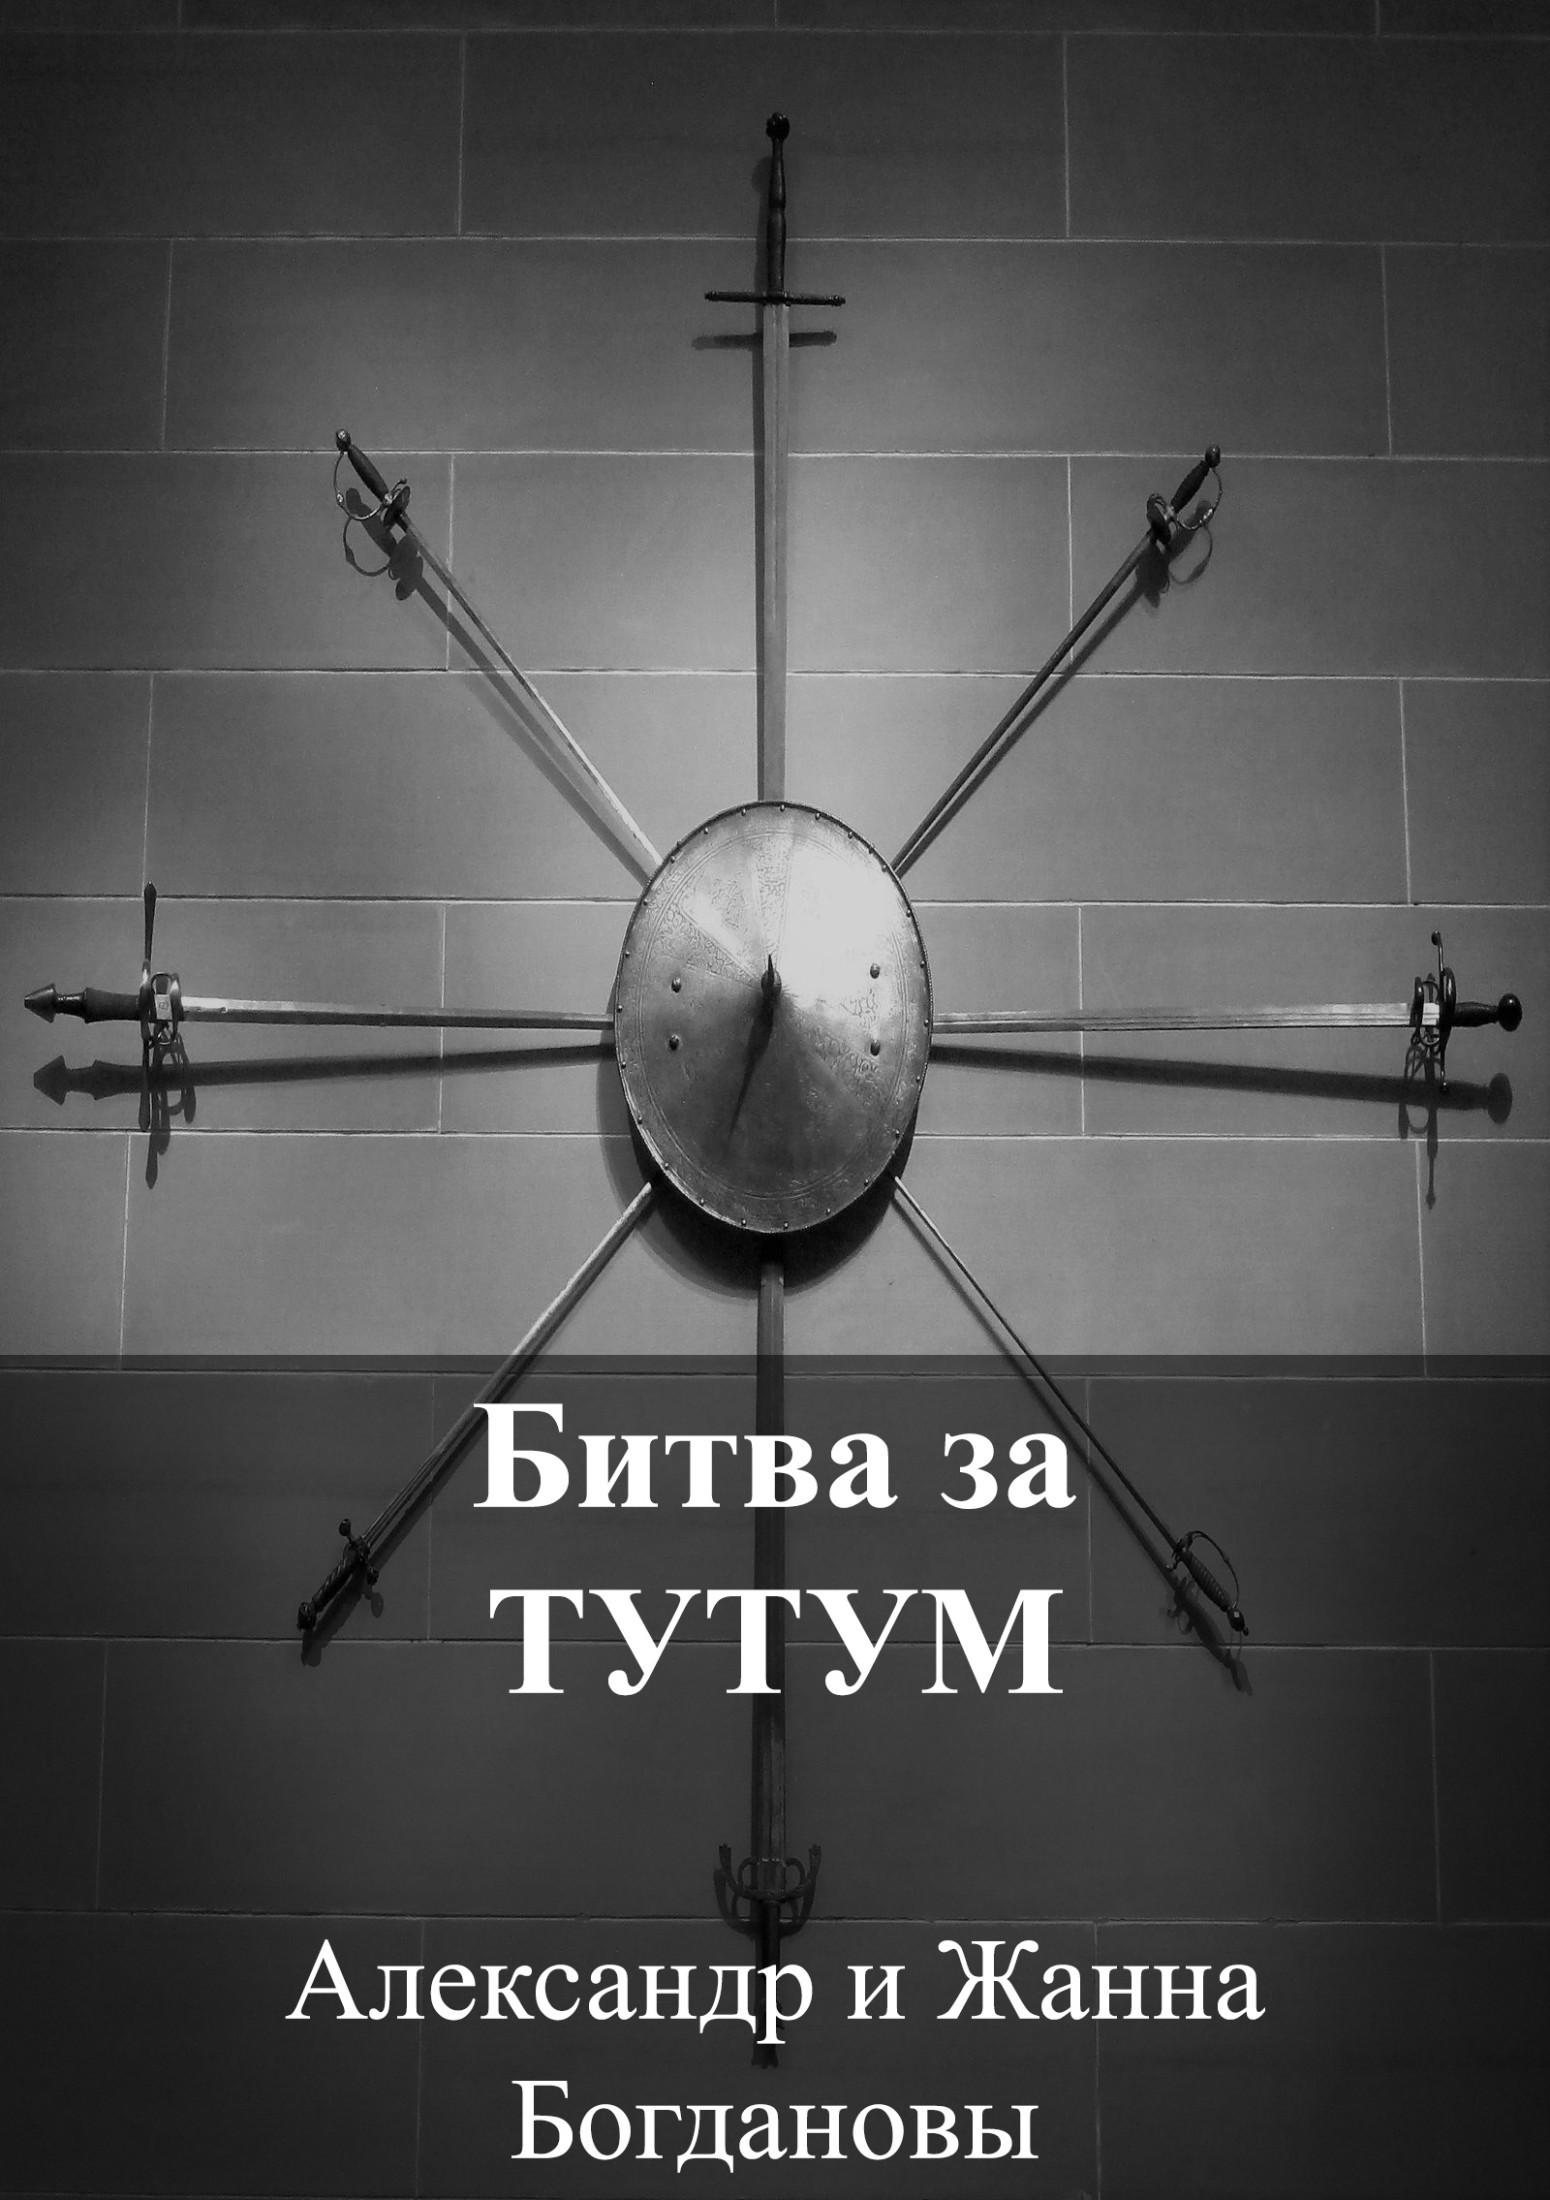 Битва за Тутум